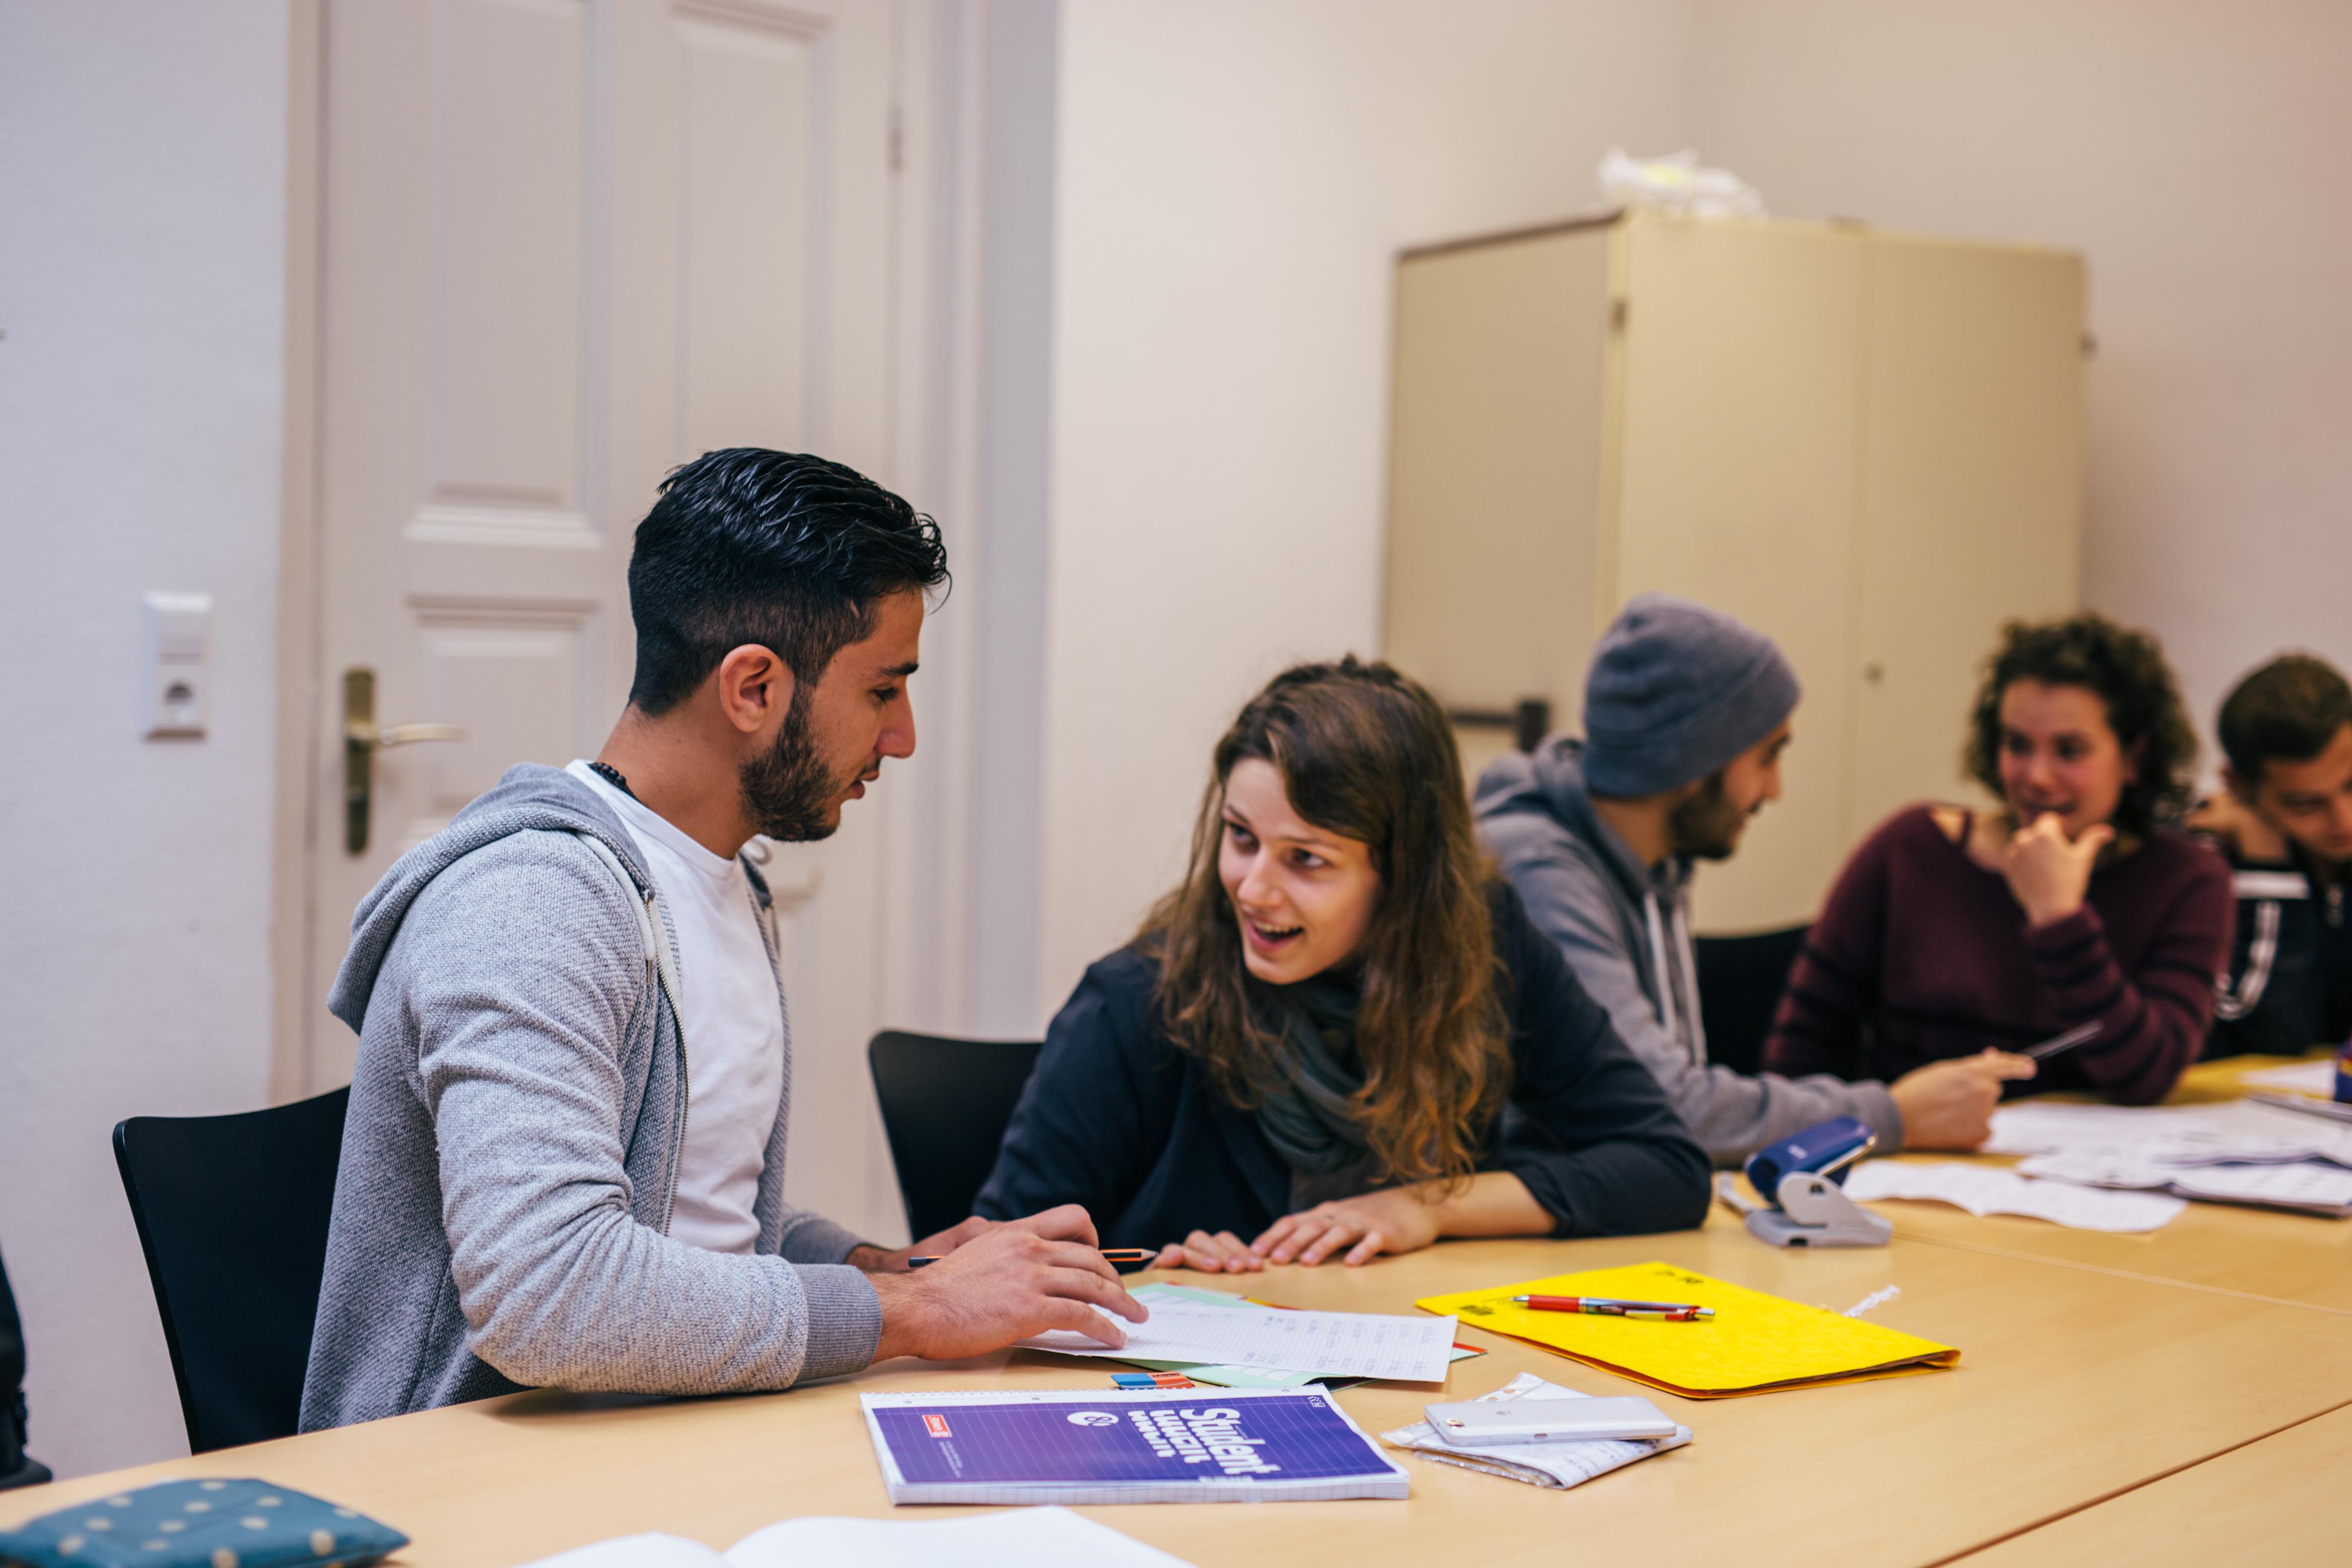 Studierende unterstützen Flüchtlinge im Universitäts-Alltag (Foto: Sandra Meyndt)